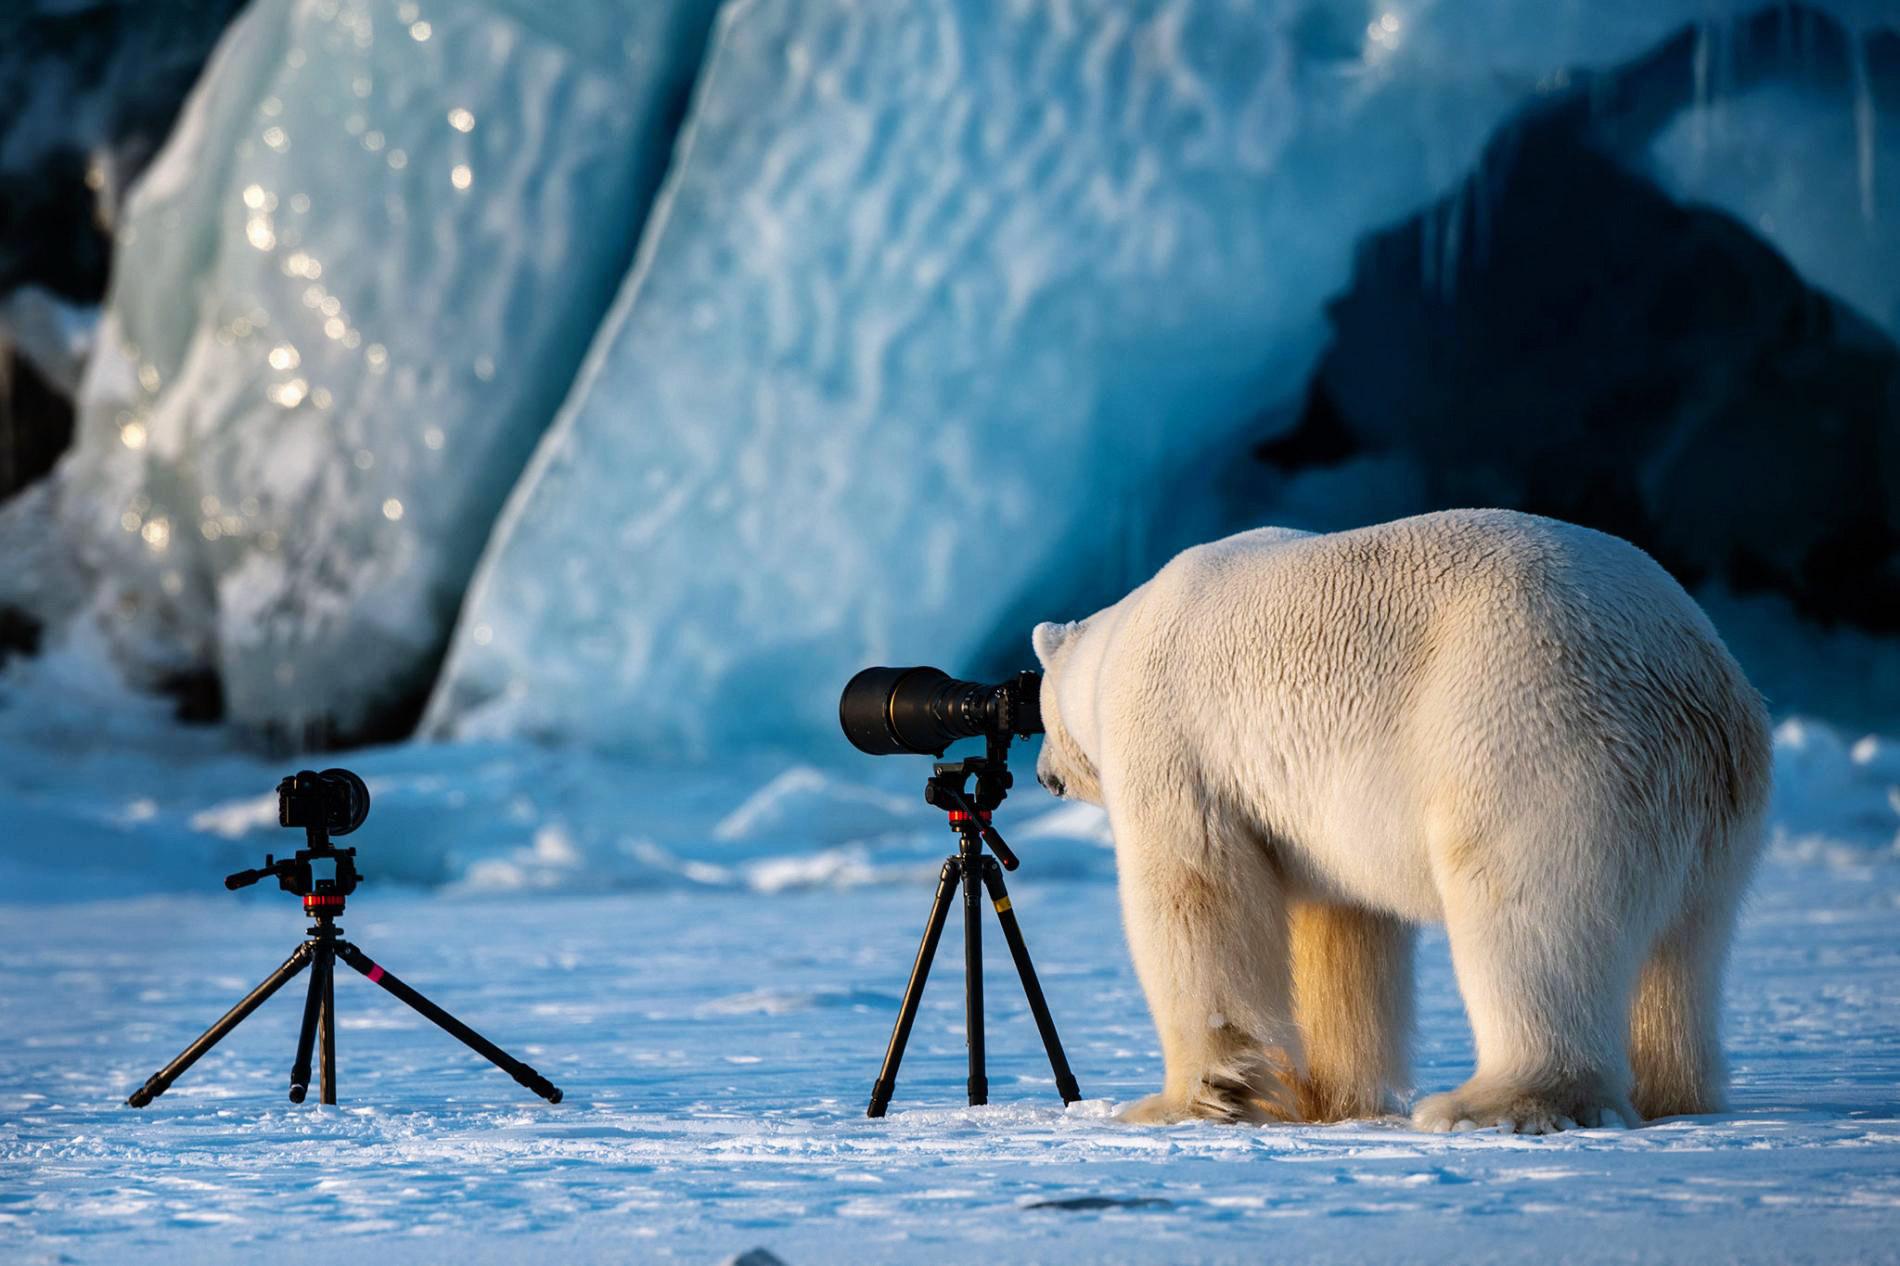 Полярный медведь упражняется вфотографии, Свальбард, Норвегия.